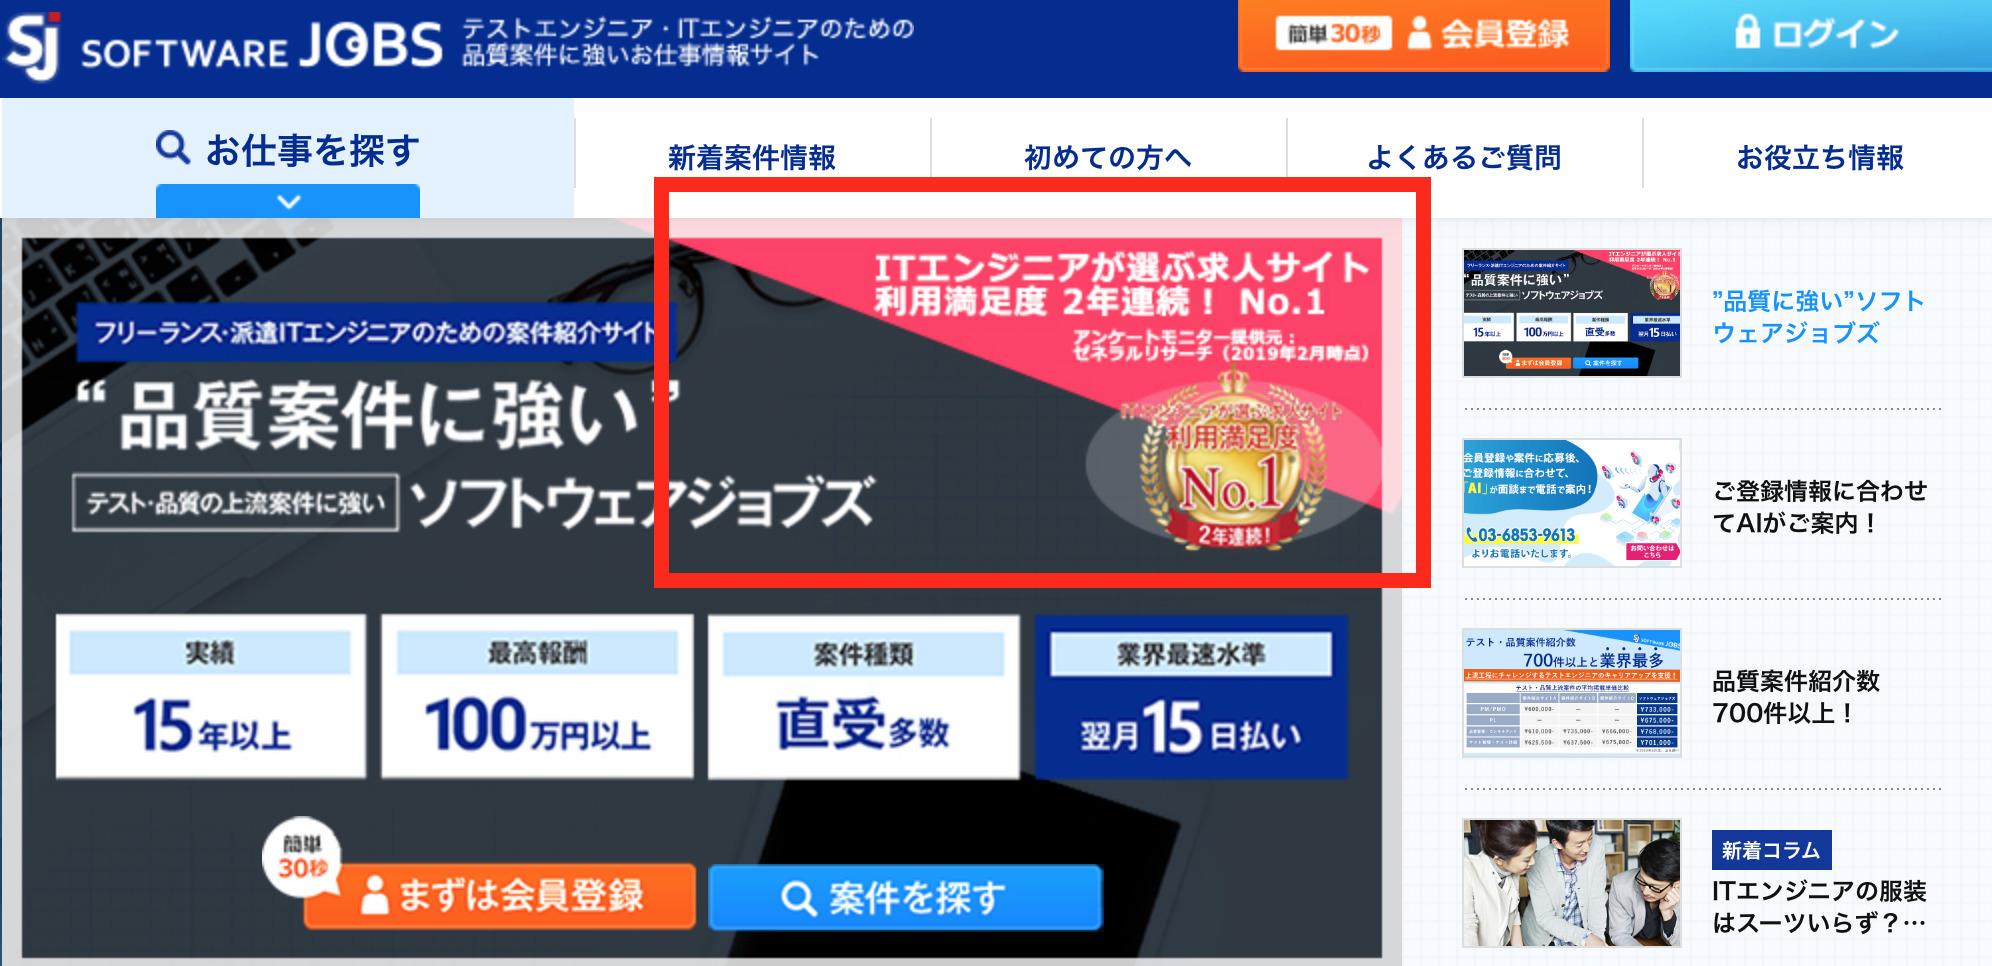 ITエンジニアが選ぶ求人サイト2年連続No.1